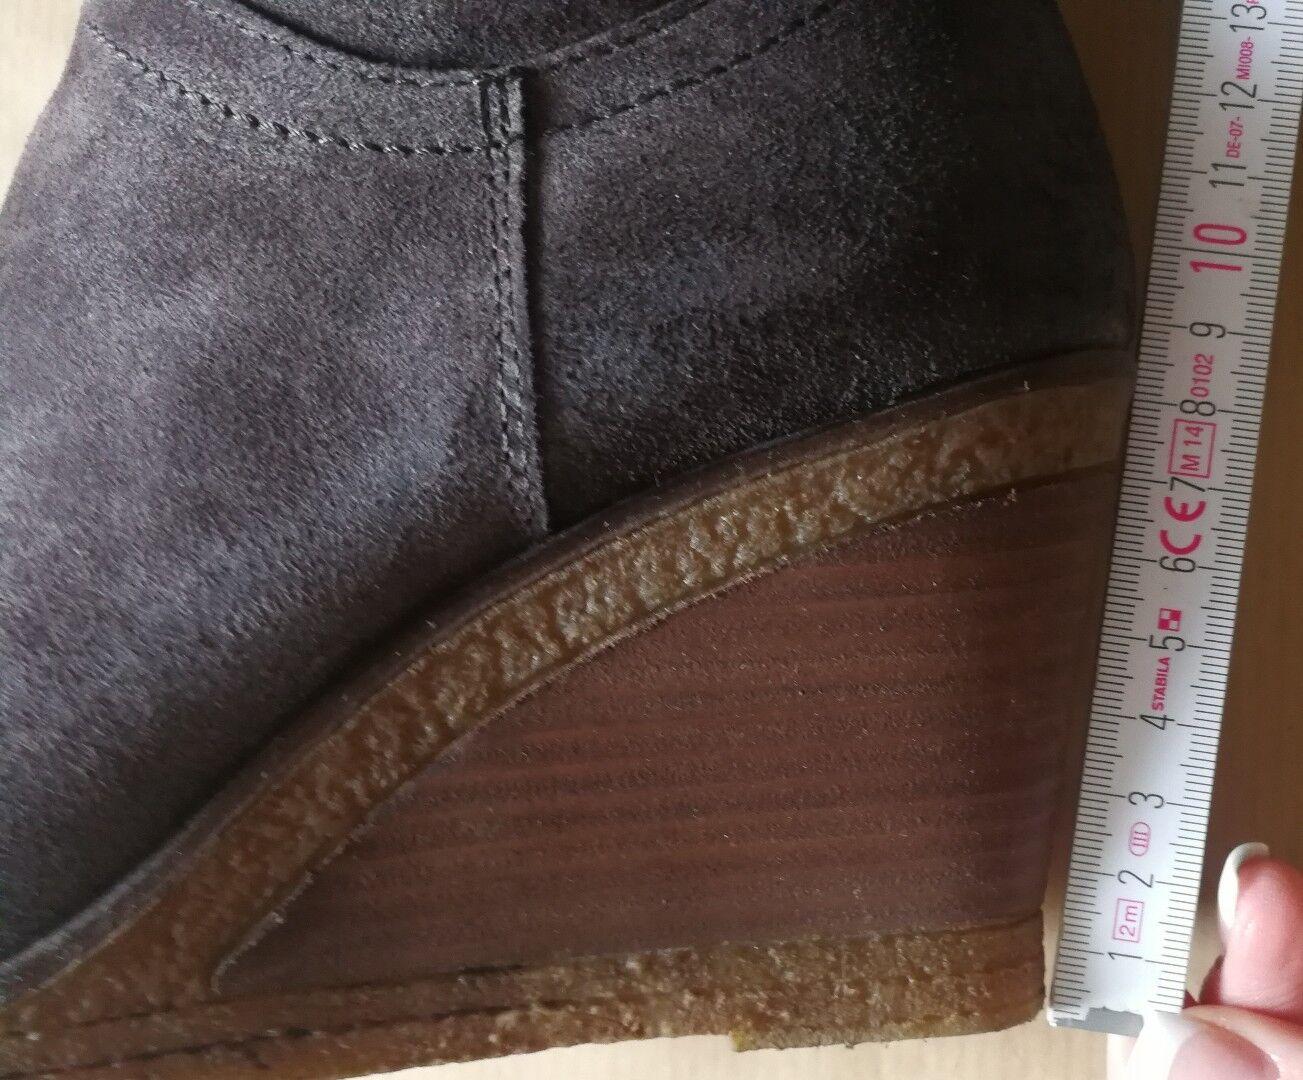 MJUS Stiefel Keilabsatz mit Keilabsatz Stiefel dunkelbraun Wildleder Gr.38 9dd732